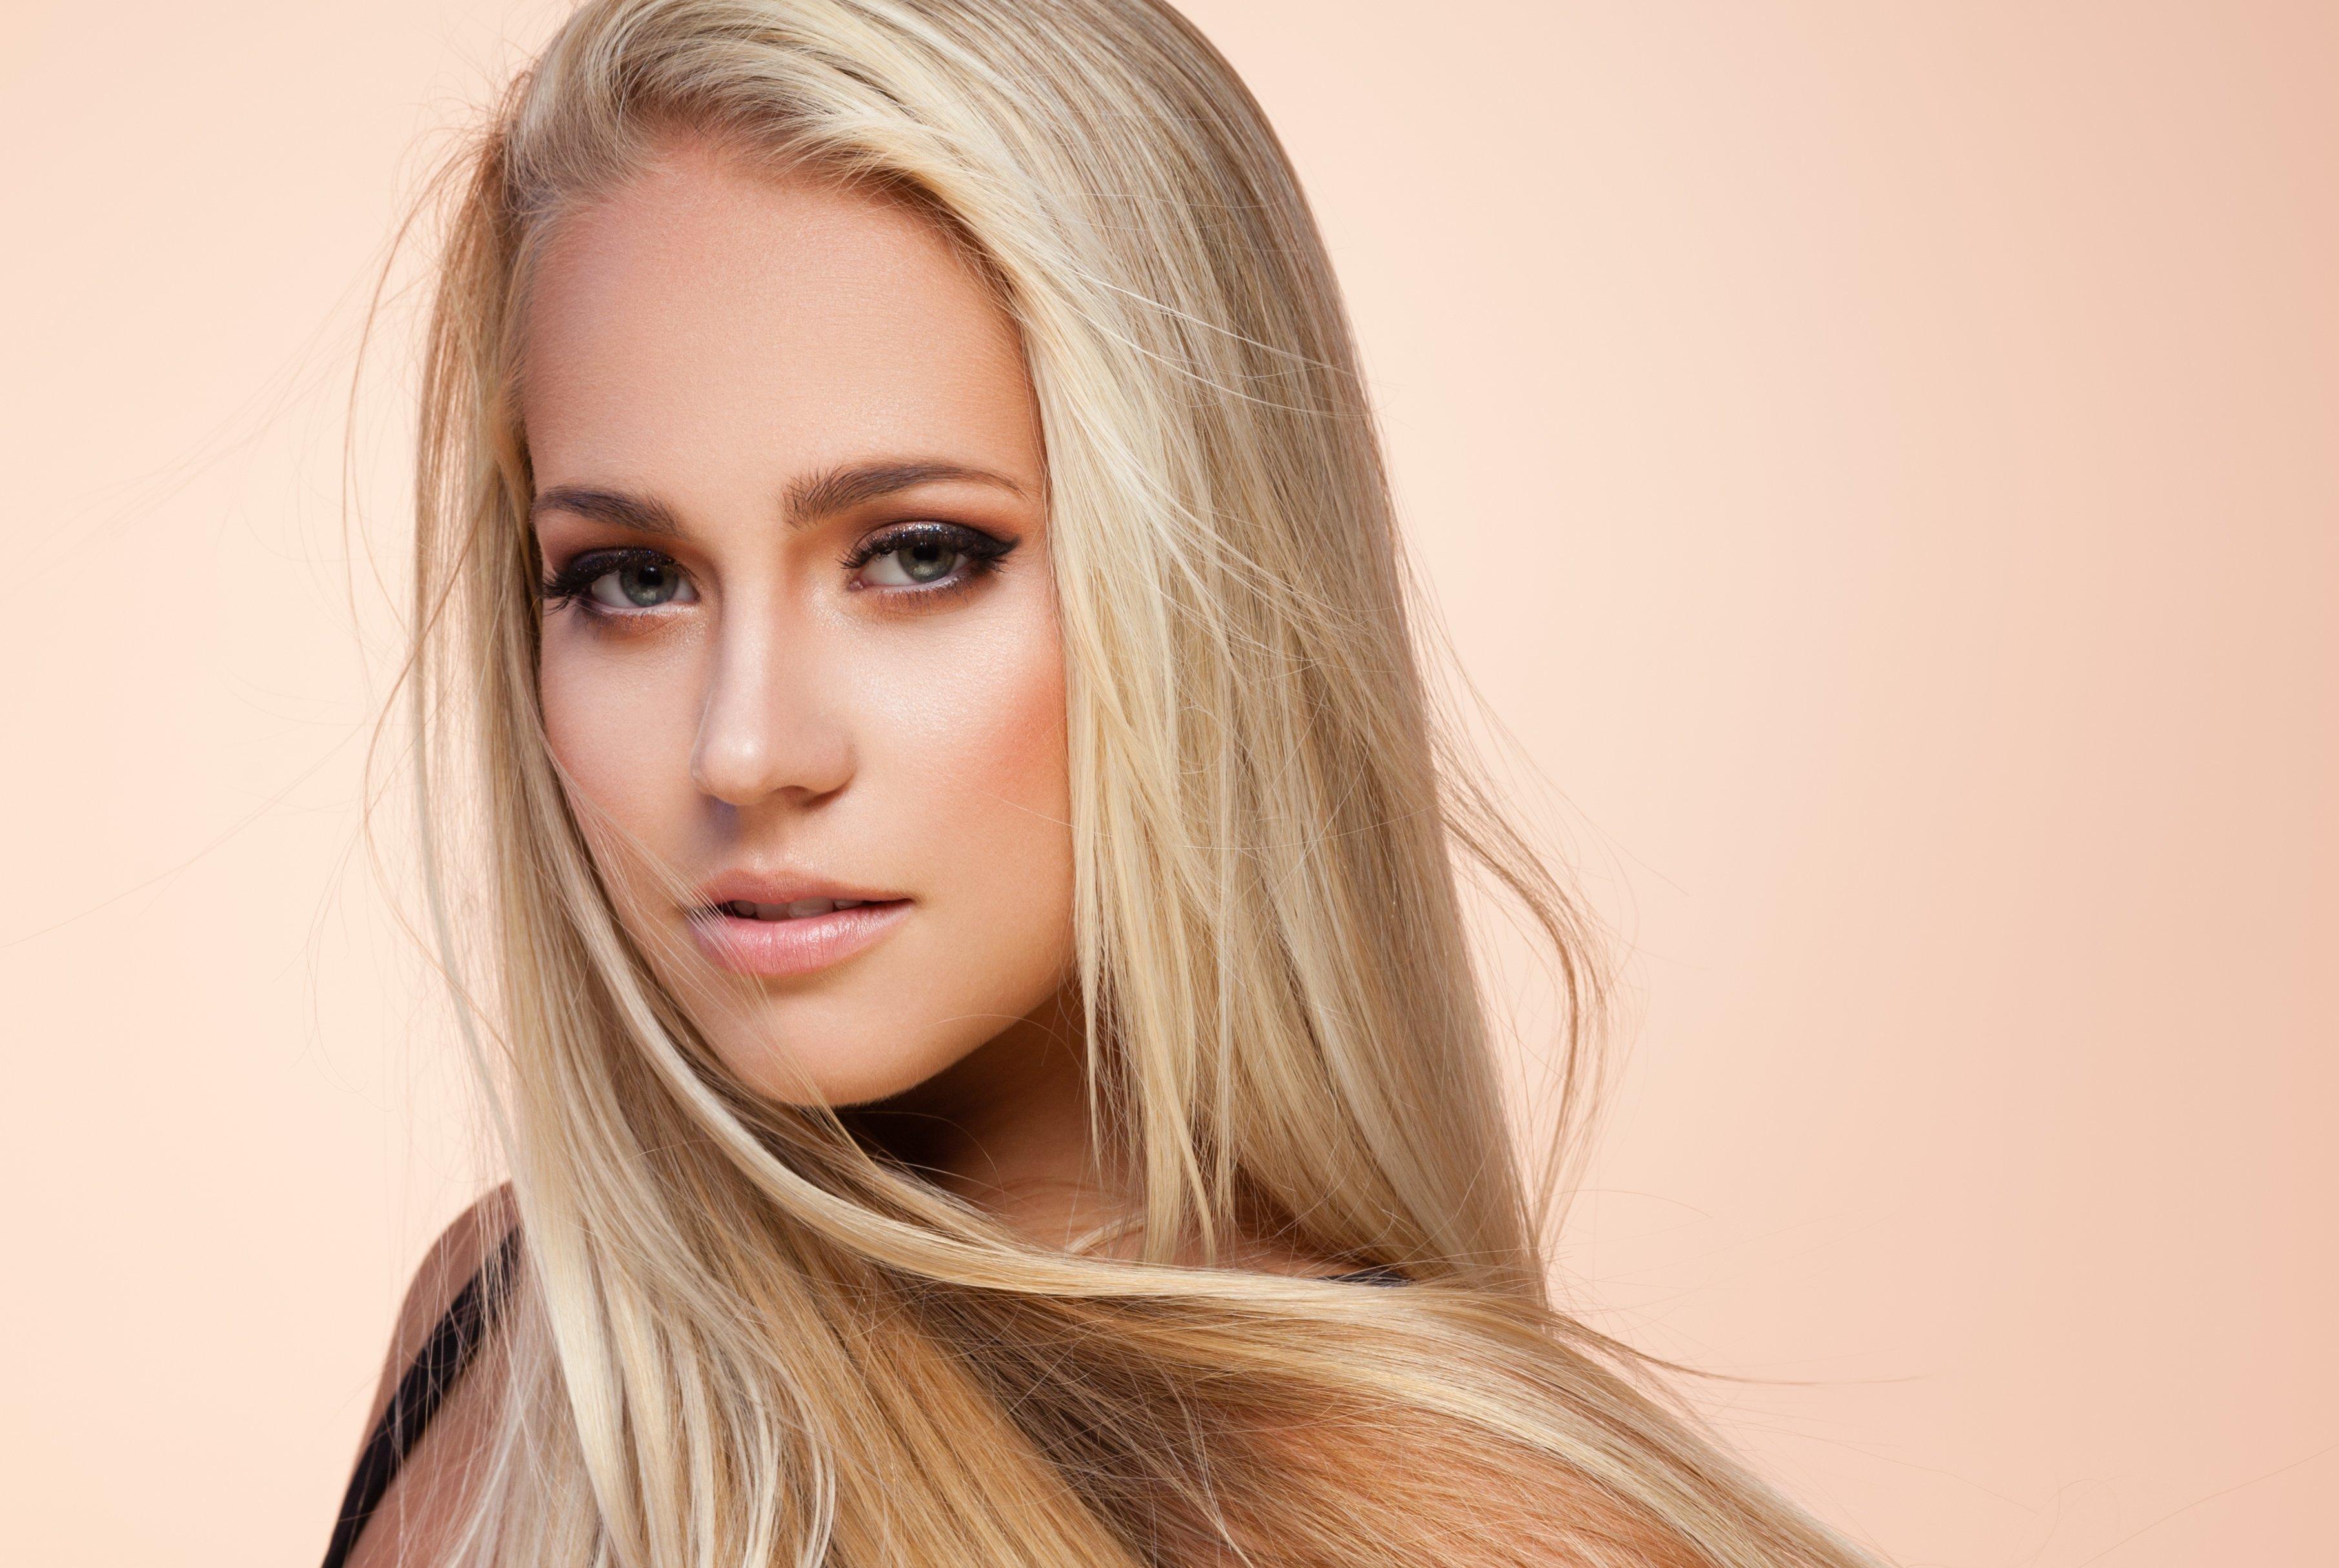 Модели девушки блондинки фото